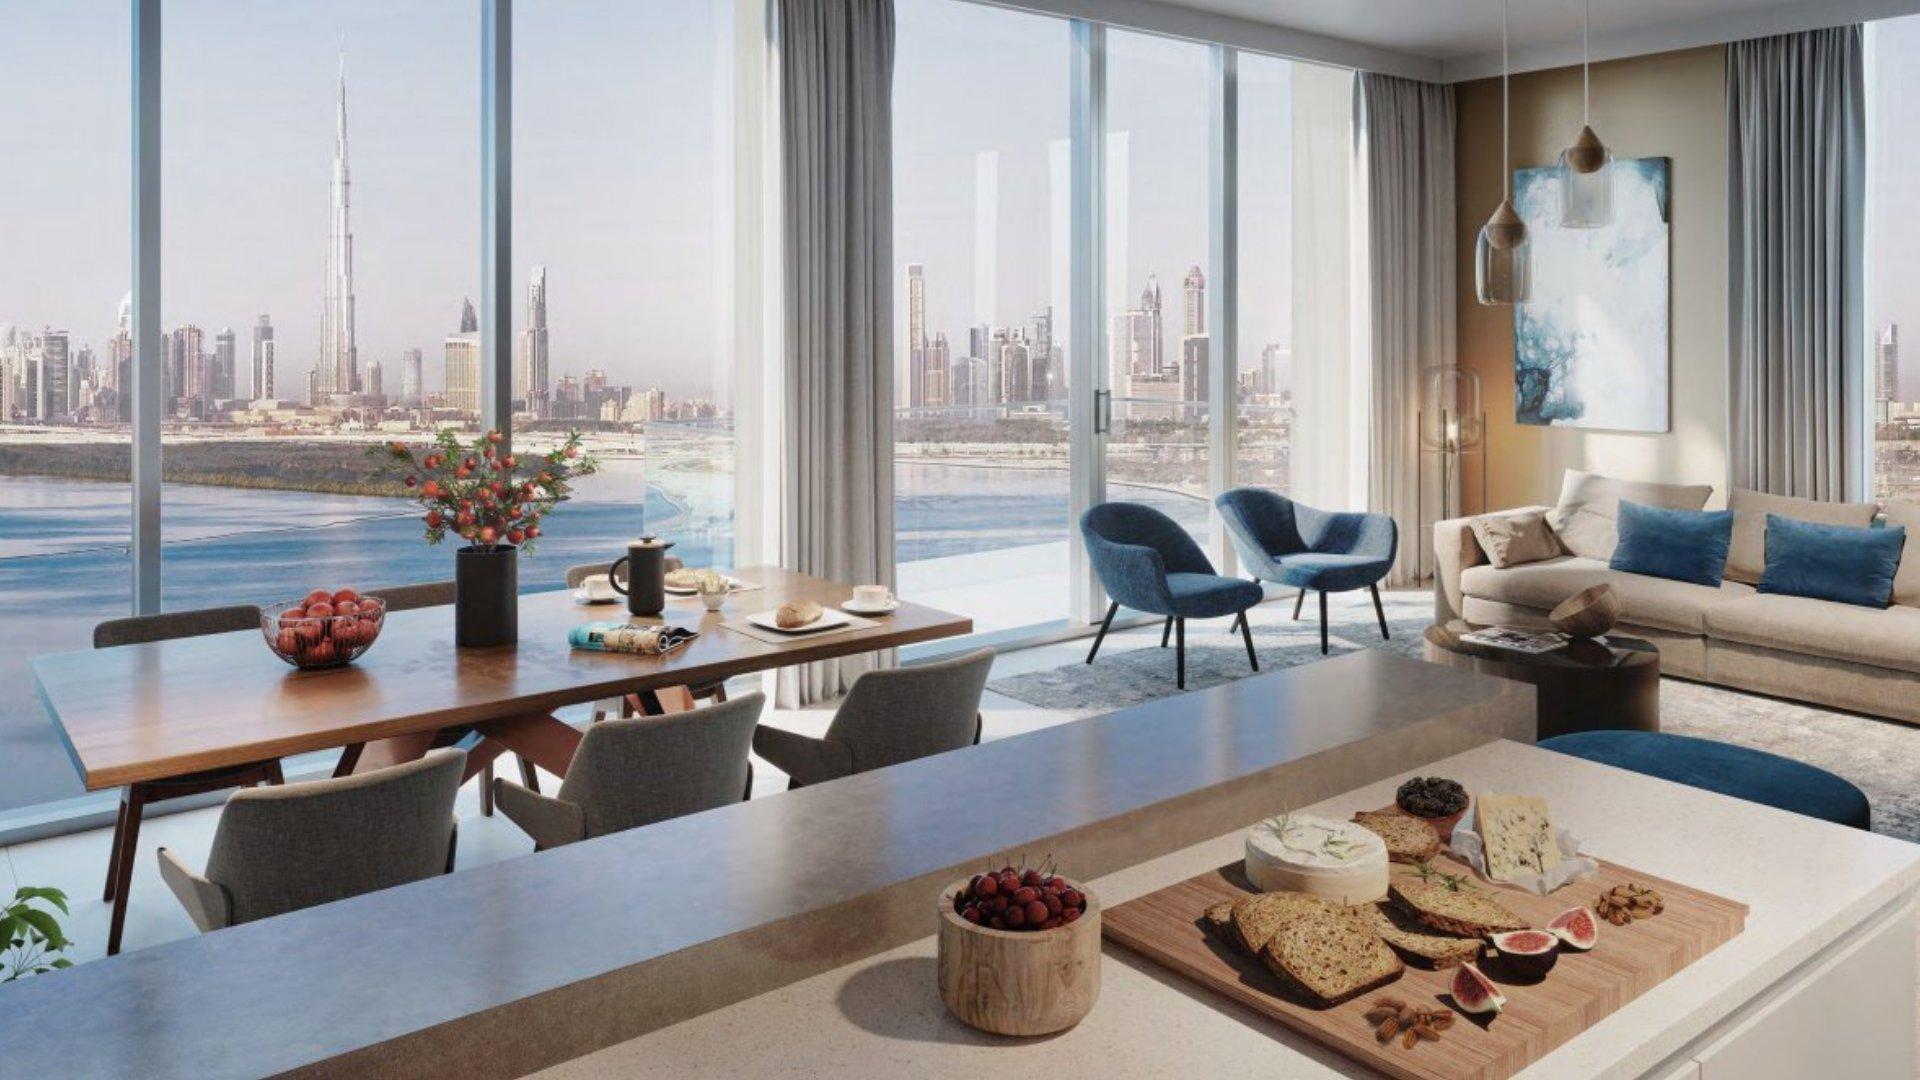 Apartamento en venta en Dubai, EAU, 3 dormitorios, 179 m2, № 24131 – foto 1